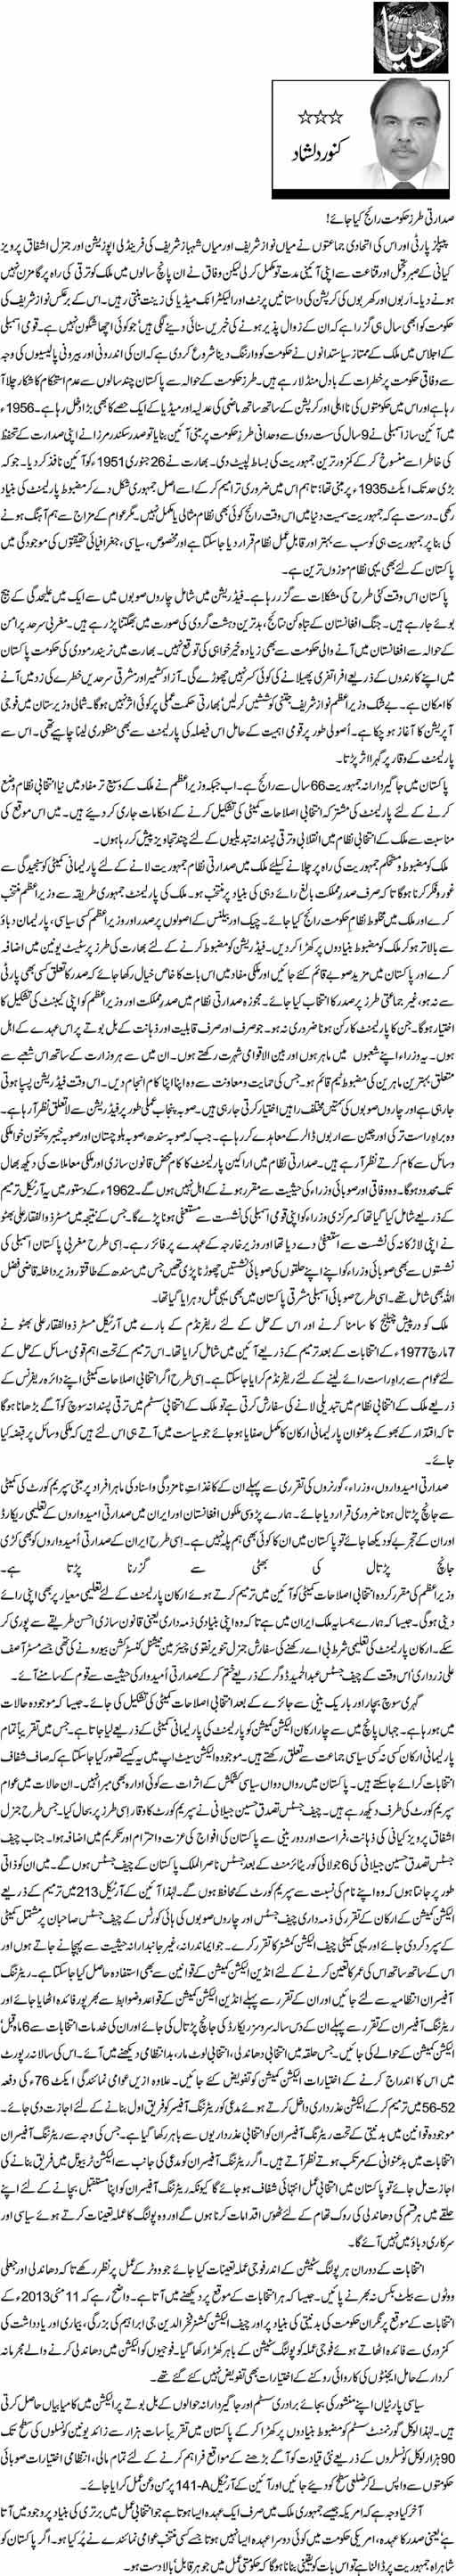 Print Media Coverage Daily Dunya - Kanwar Dilshad